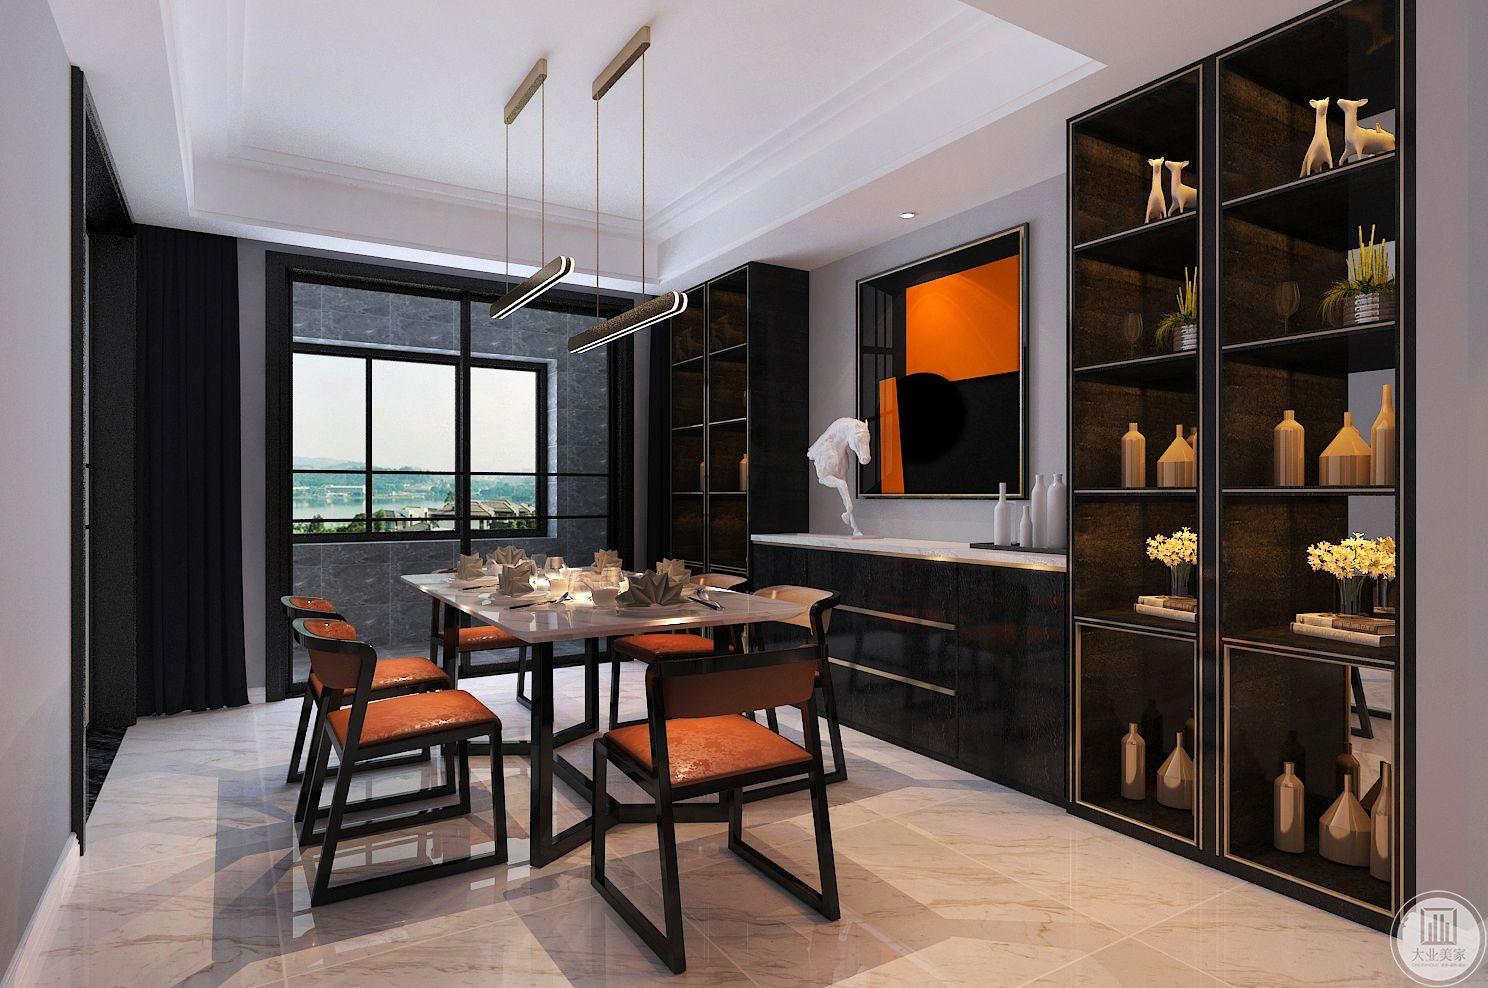 餐厅装修效果图:餐椅的造型与纹理,没有繁复,没有杂念,搭配白色的大理石桌面,摩登简约的吊灯,表现出优雅的风范和质感。